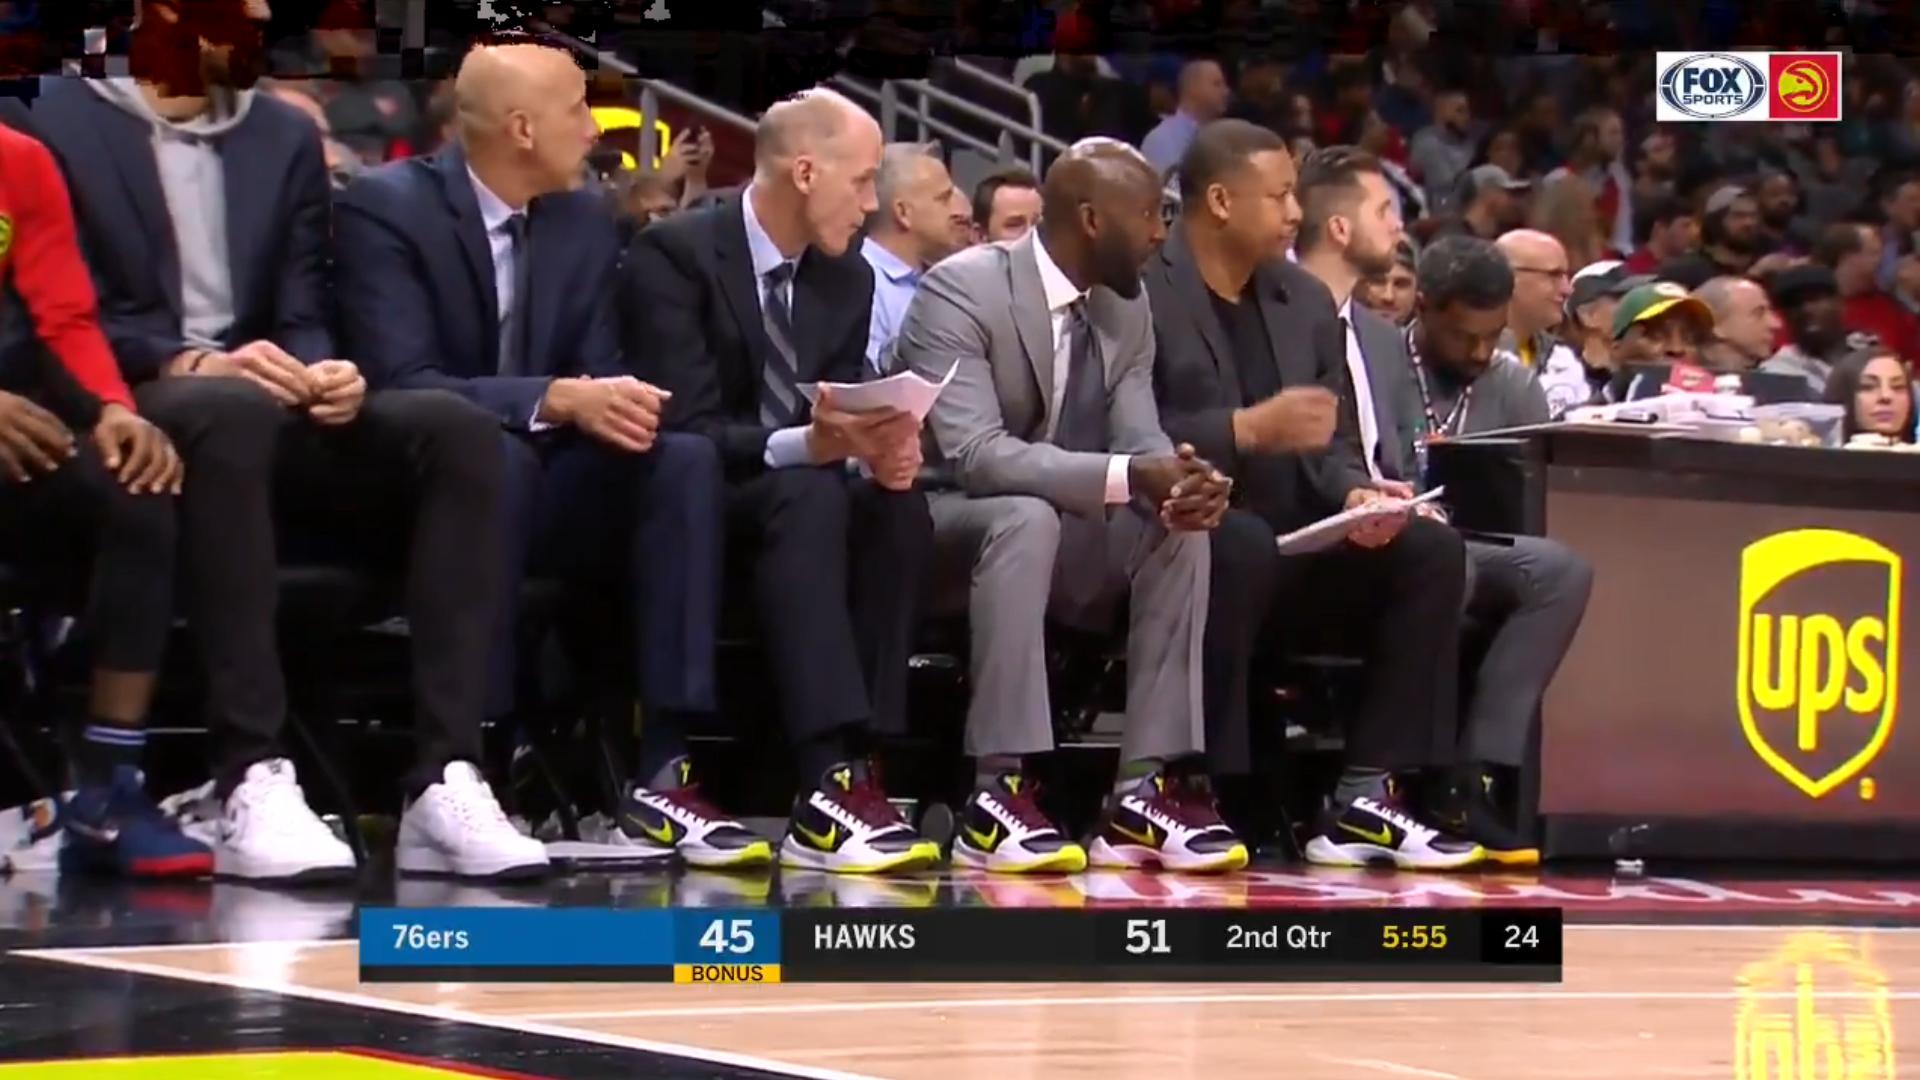 致敬!老鹰队所有的教练成员在比赛中穿着科比球鞋